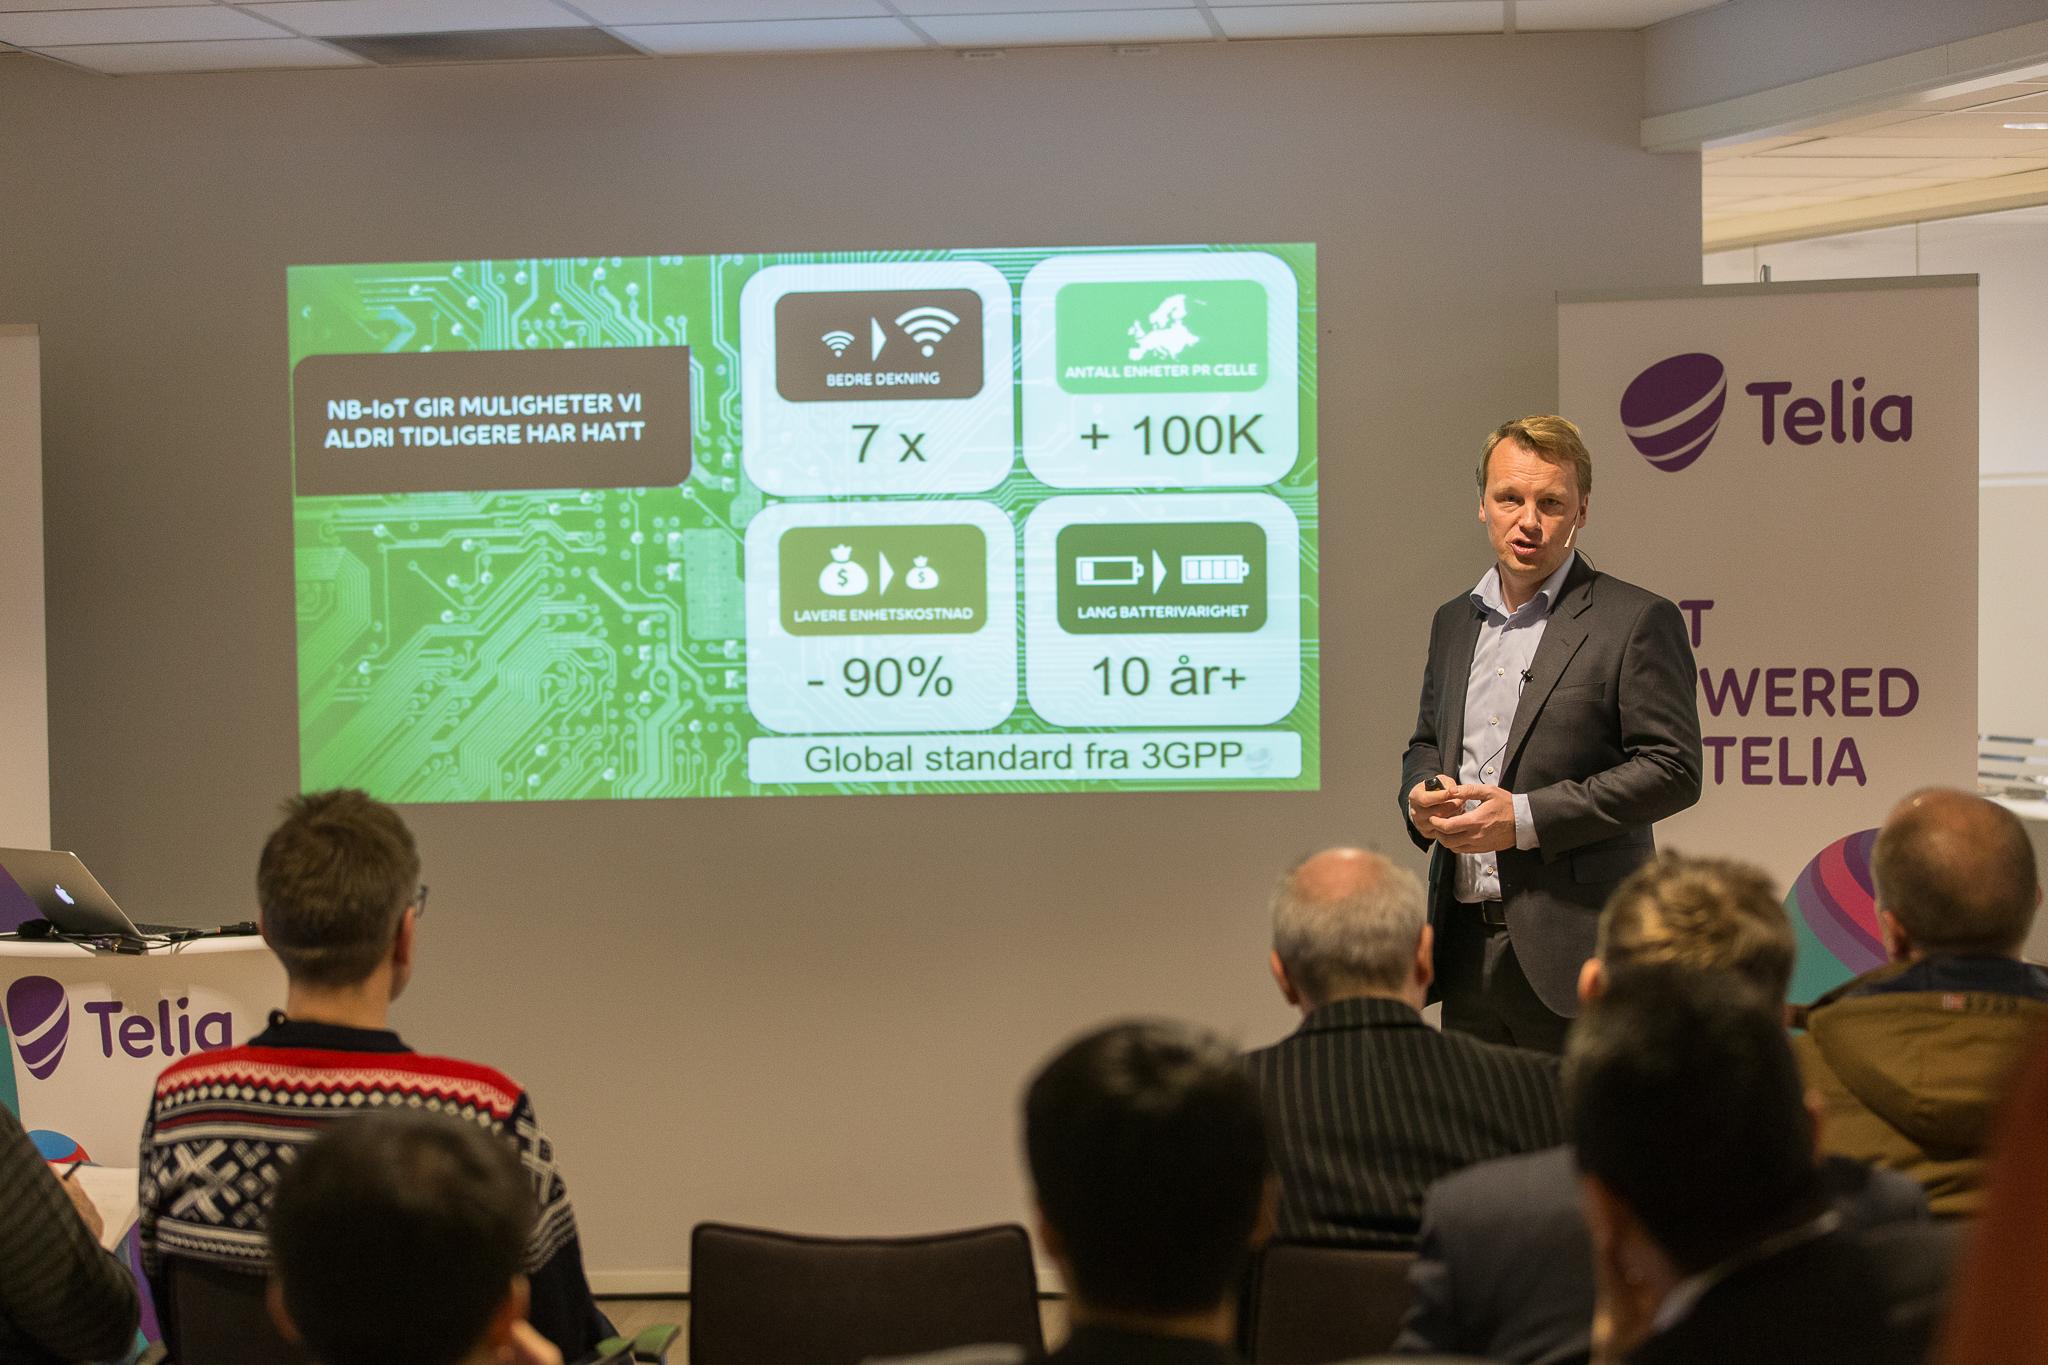 Hillestad, CTO i Telia forklarer fordelene med NB-IoT over dagens løsninger.